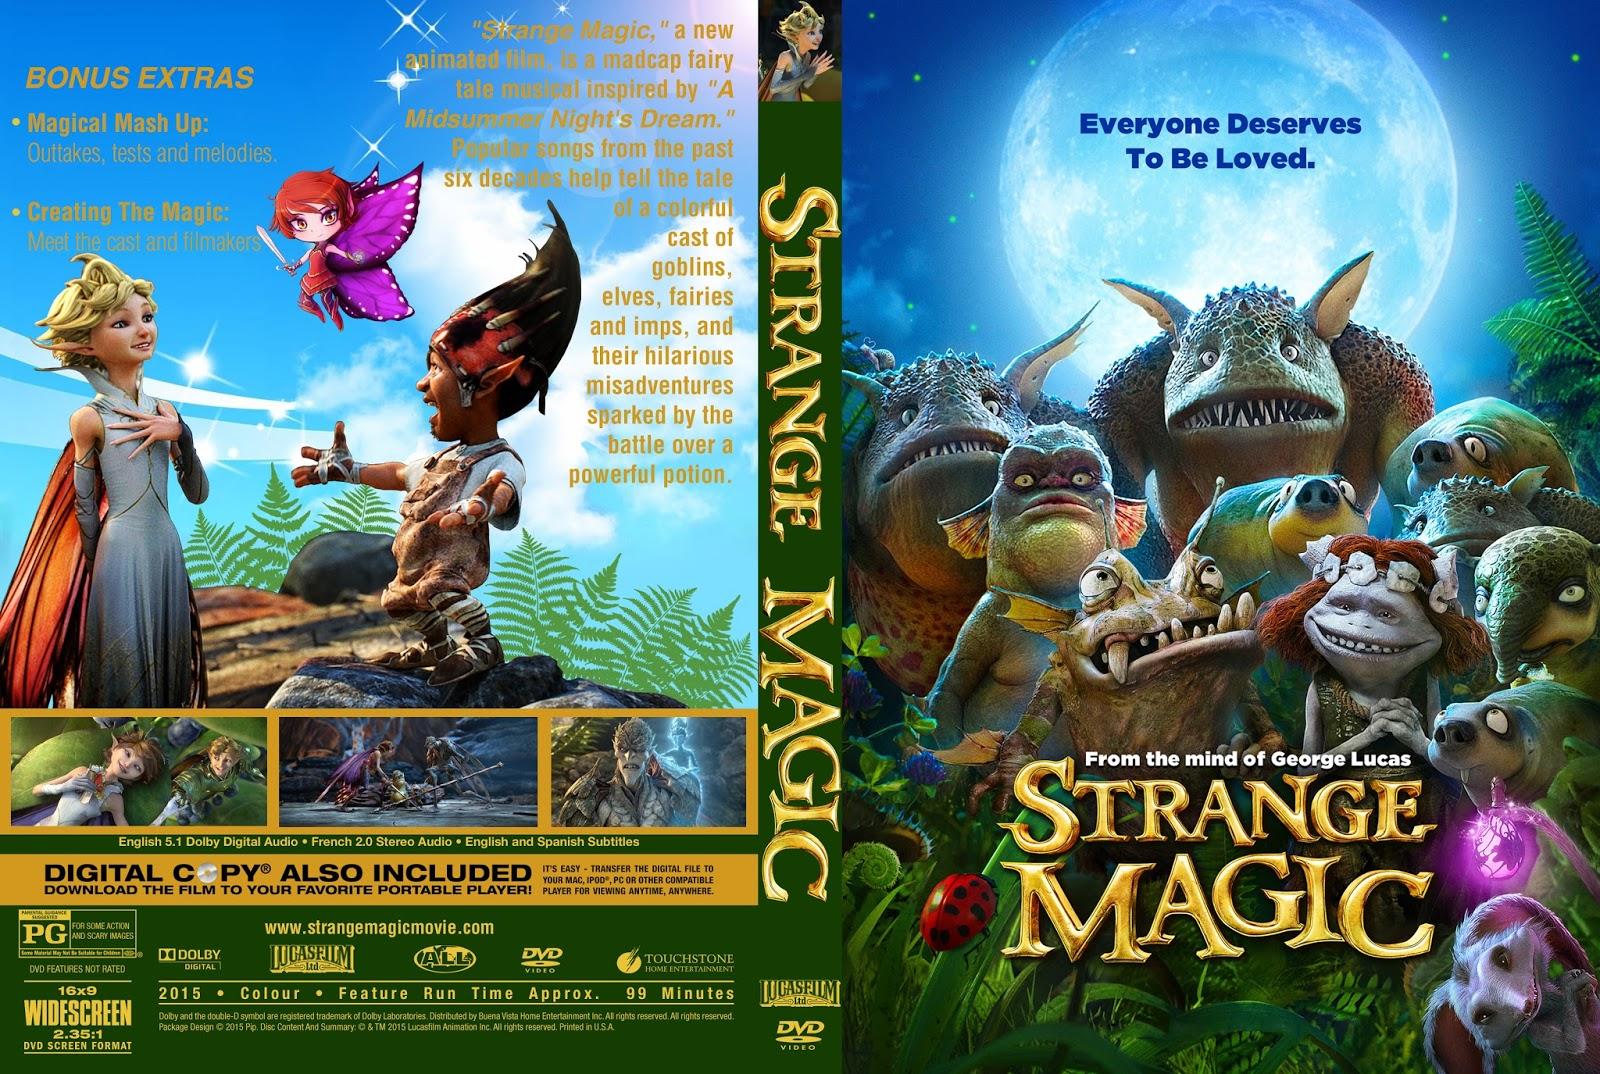 Download Magia Estranha HDRip XviD Dual Áudio freedvdcover strange magic custom cover pips